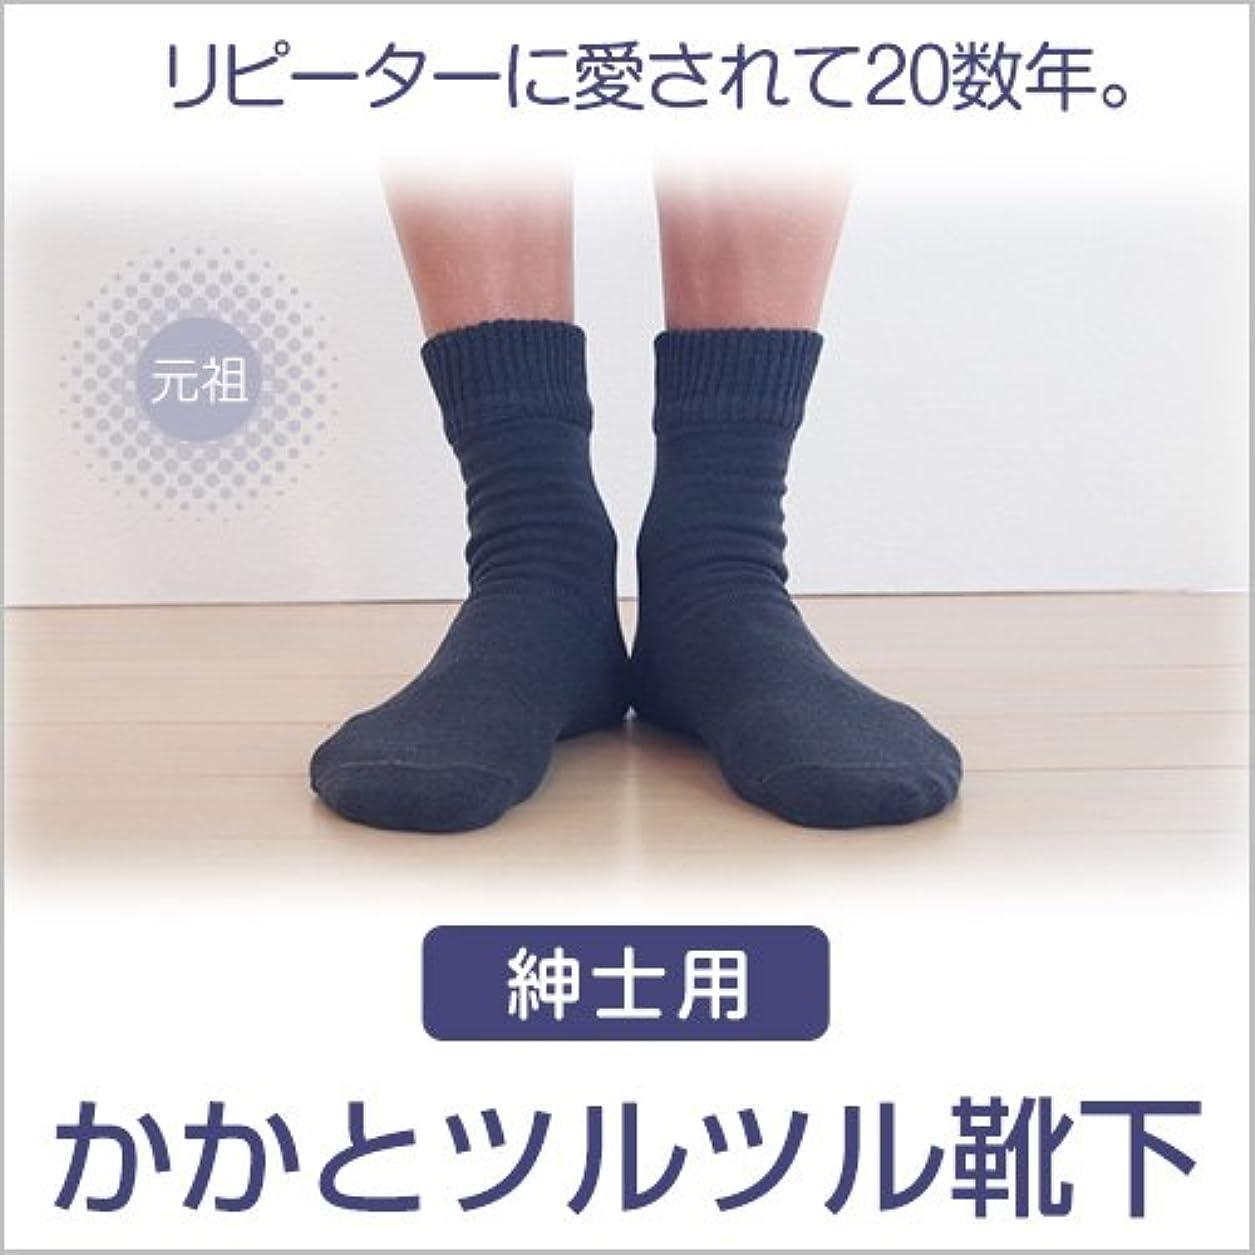 標準コンピューター所得男性用 かかと ツルツル 靴下 ブラック 24-26cm 角質 ケア ひび割れ対策 太陽ニット 700